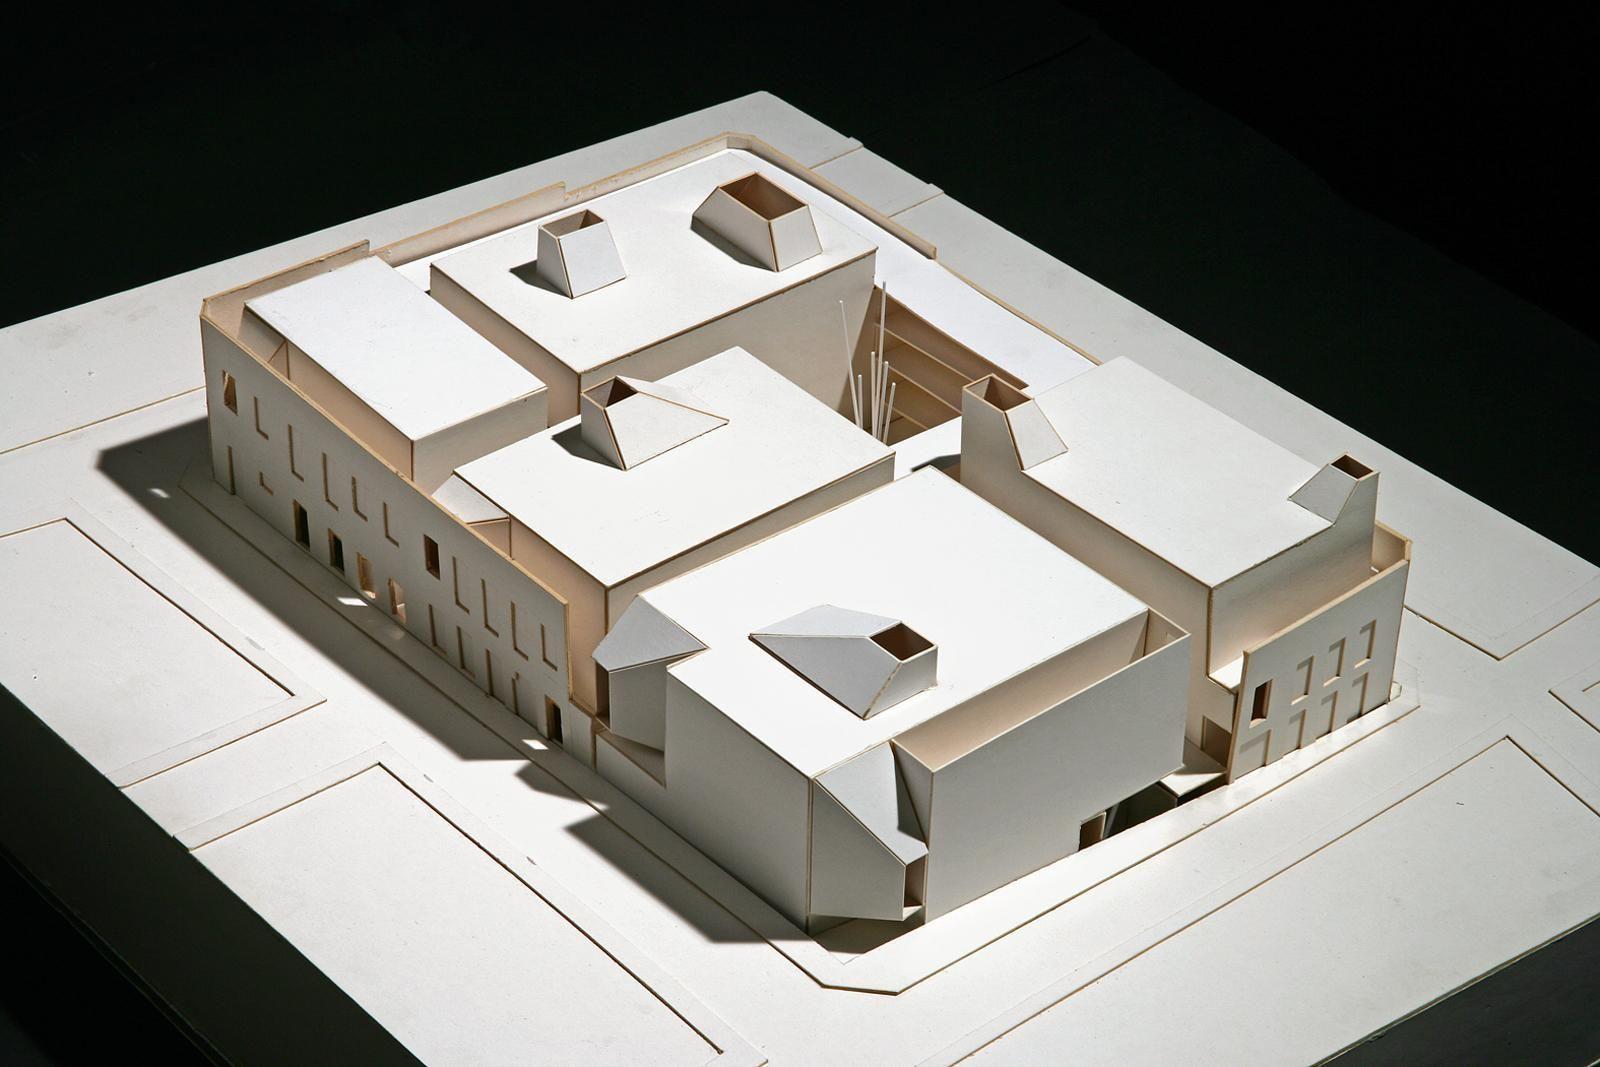 Museo Canario Las Palmas de Gran Canaria 2016